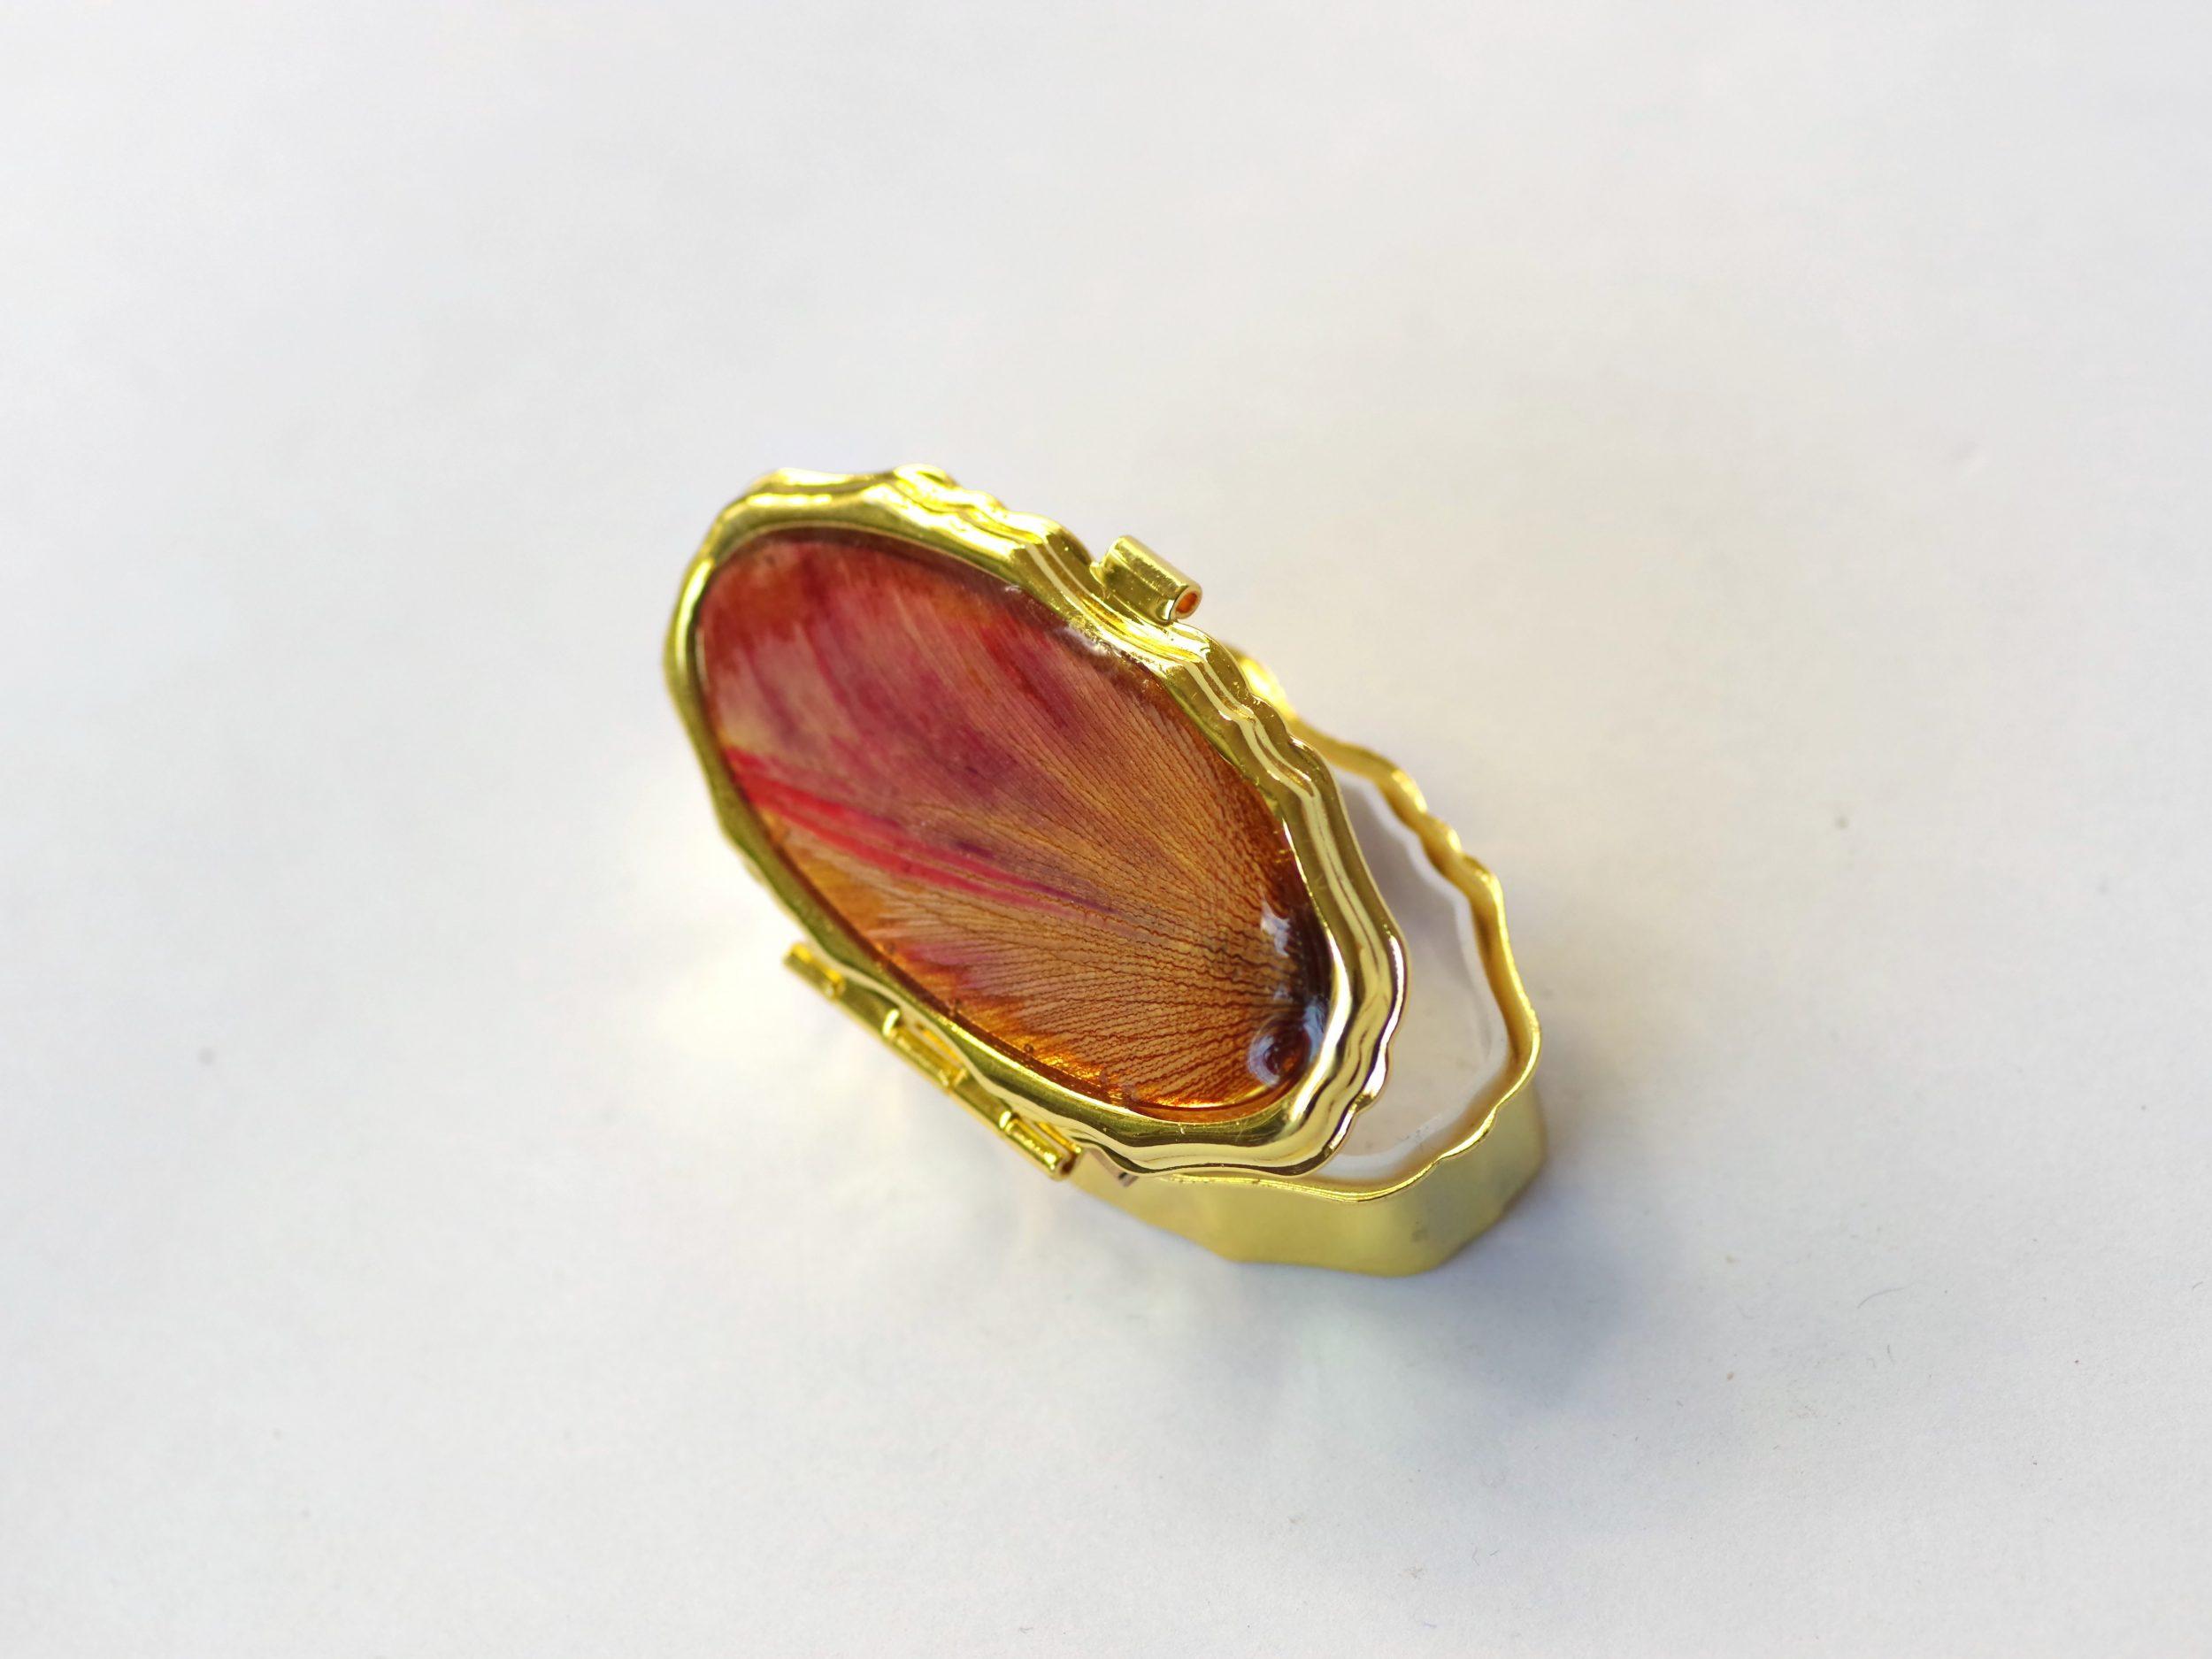 petite boite à pilumes ovale , boitier métallique doré et décor végétal rouge orangé, à l'intérieur : 2 compartiments